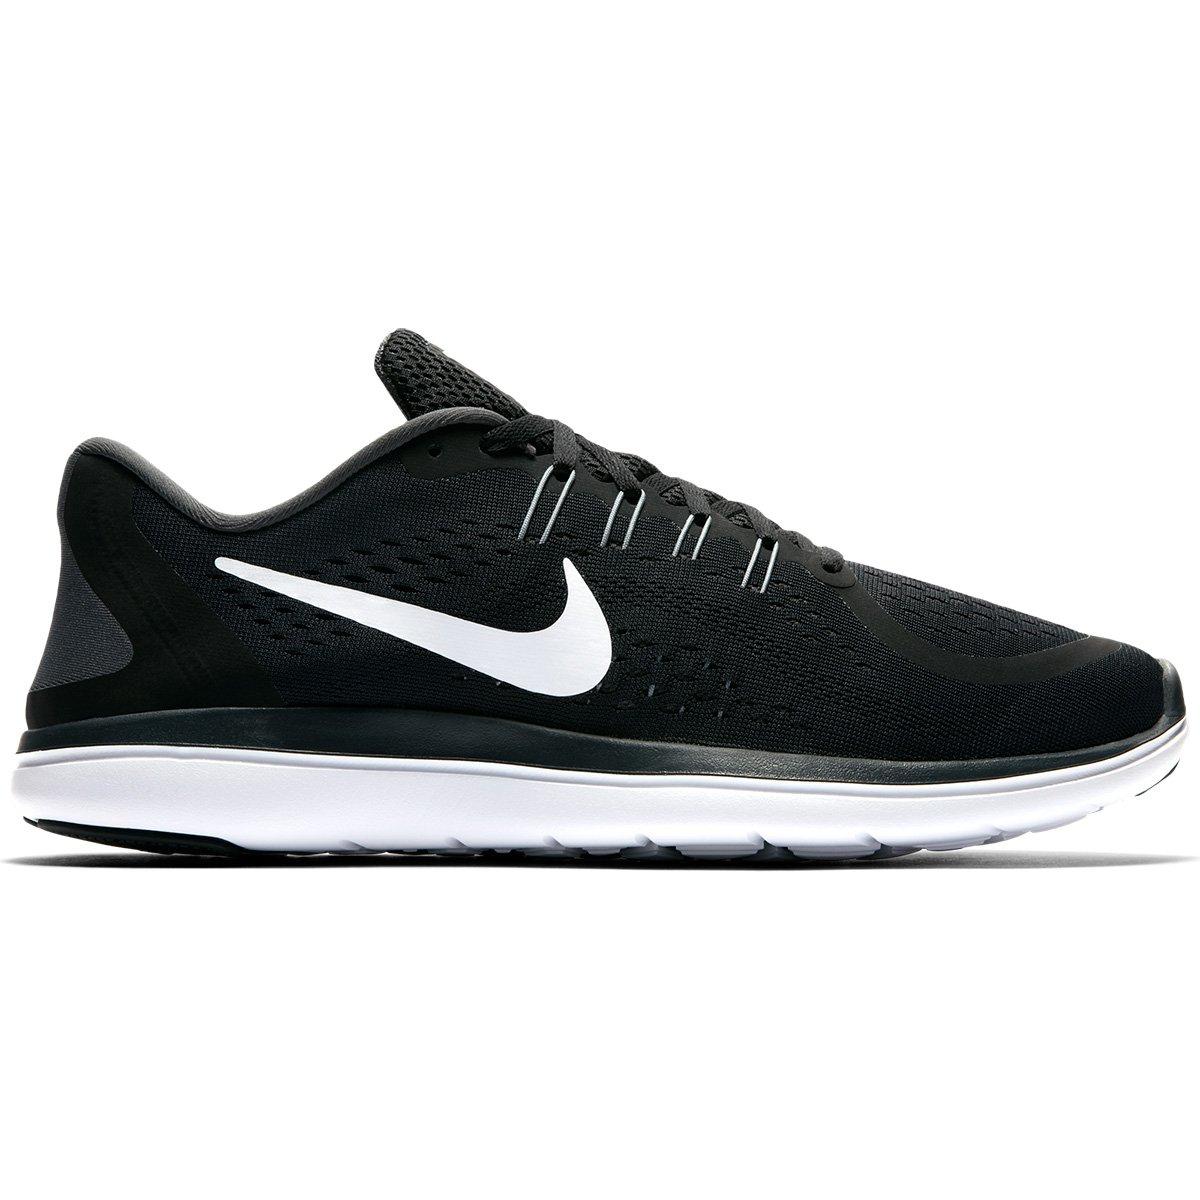 9d310c38f Tênis Nike Flex Run Masculino - Preto e Branco - Compre Agora